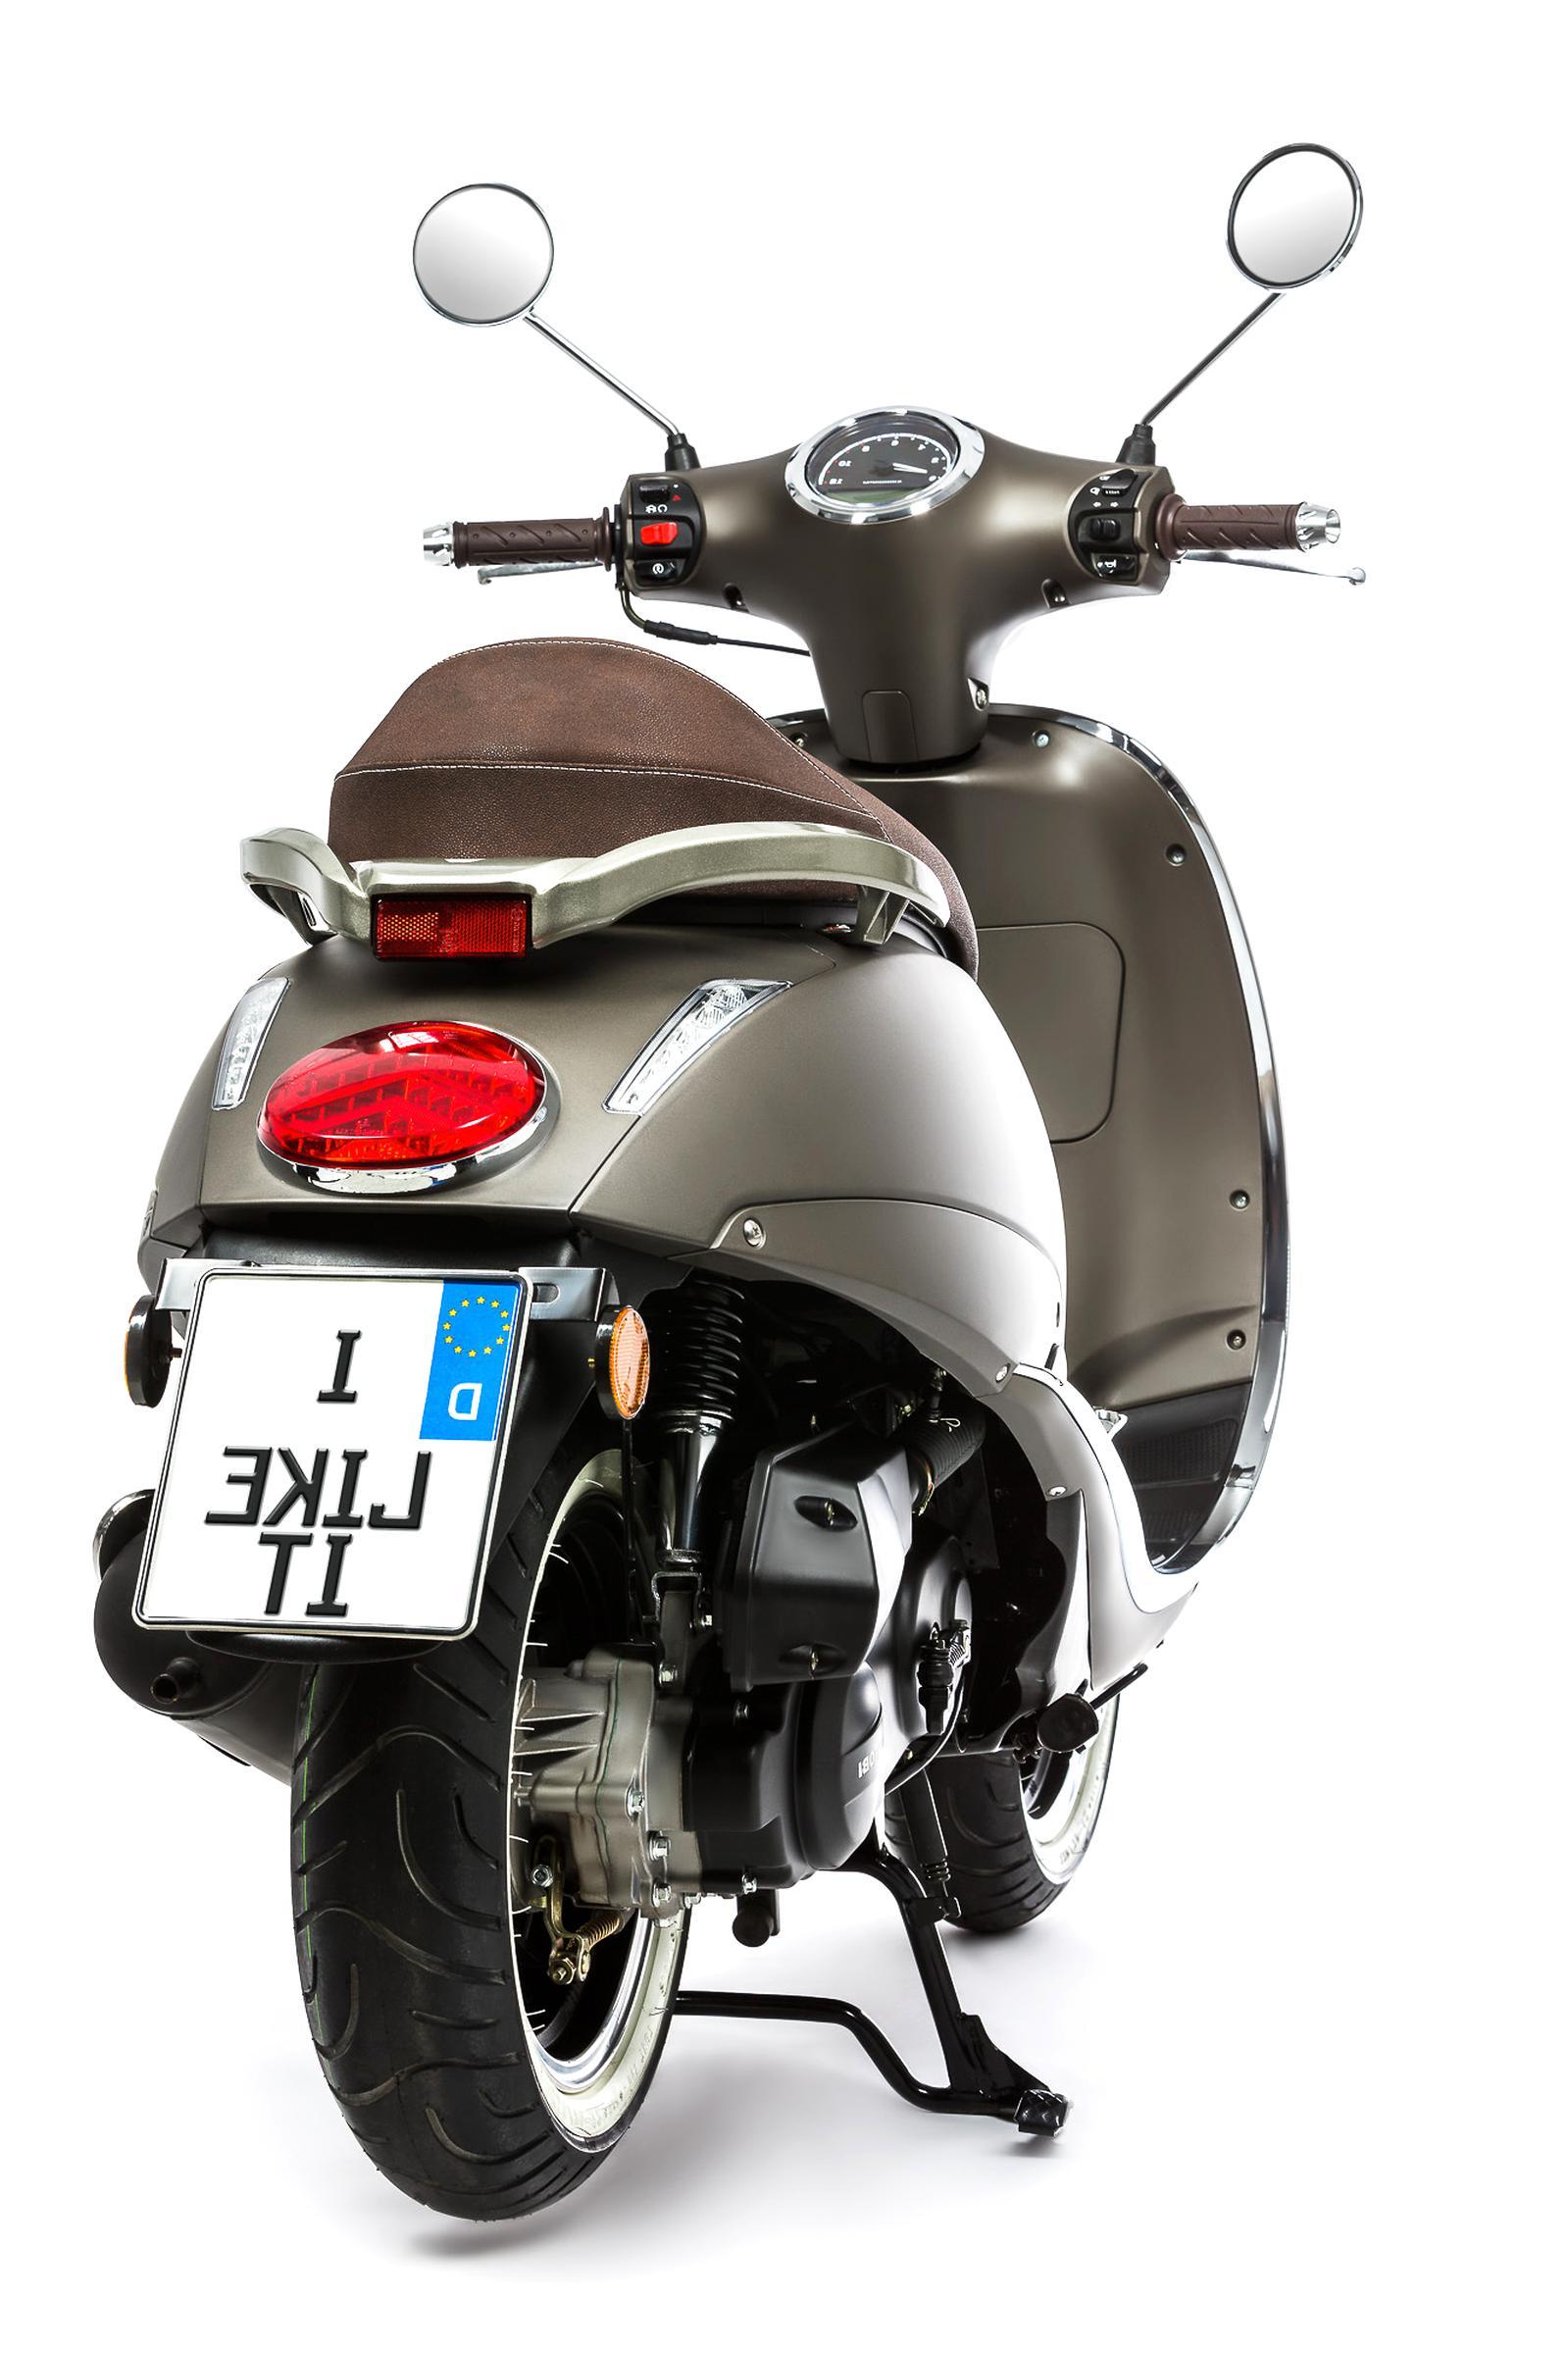 motorroller 125 gebraucht kaufen nur 2 st bis 75 g nstiger. Black Bedroom Furniture Sets. Home Design Ideas